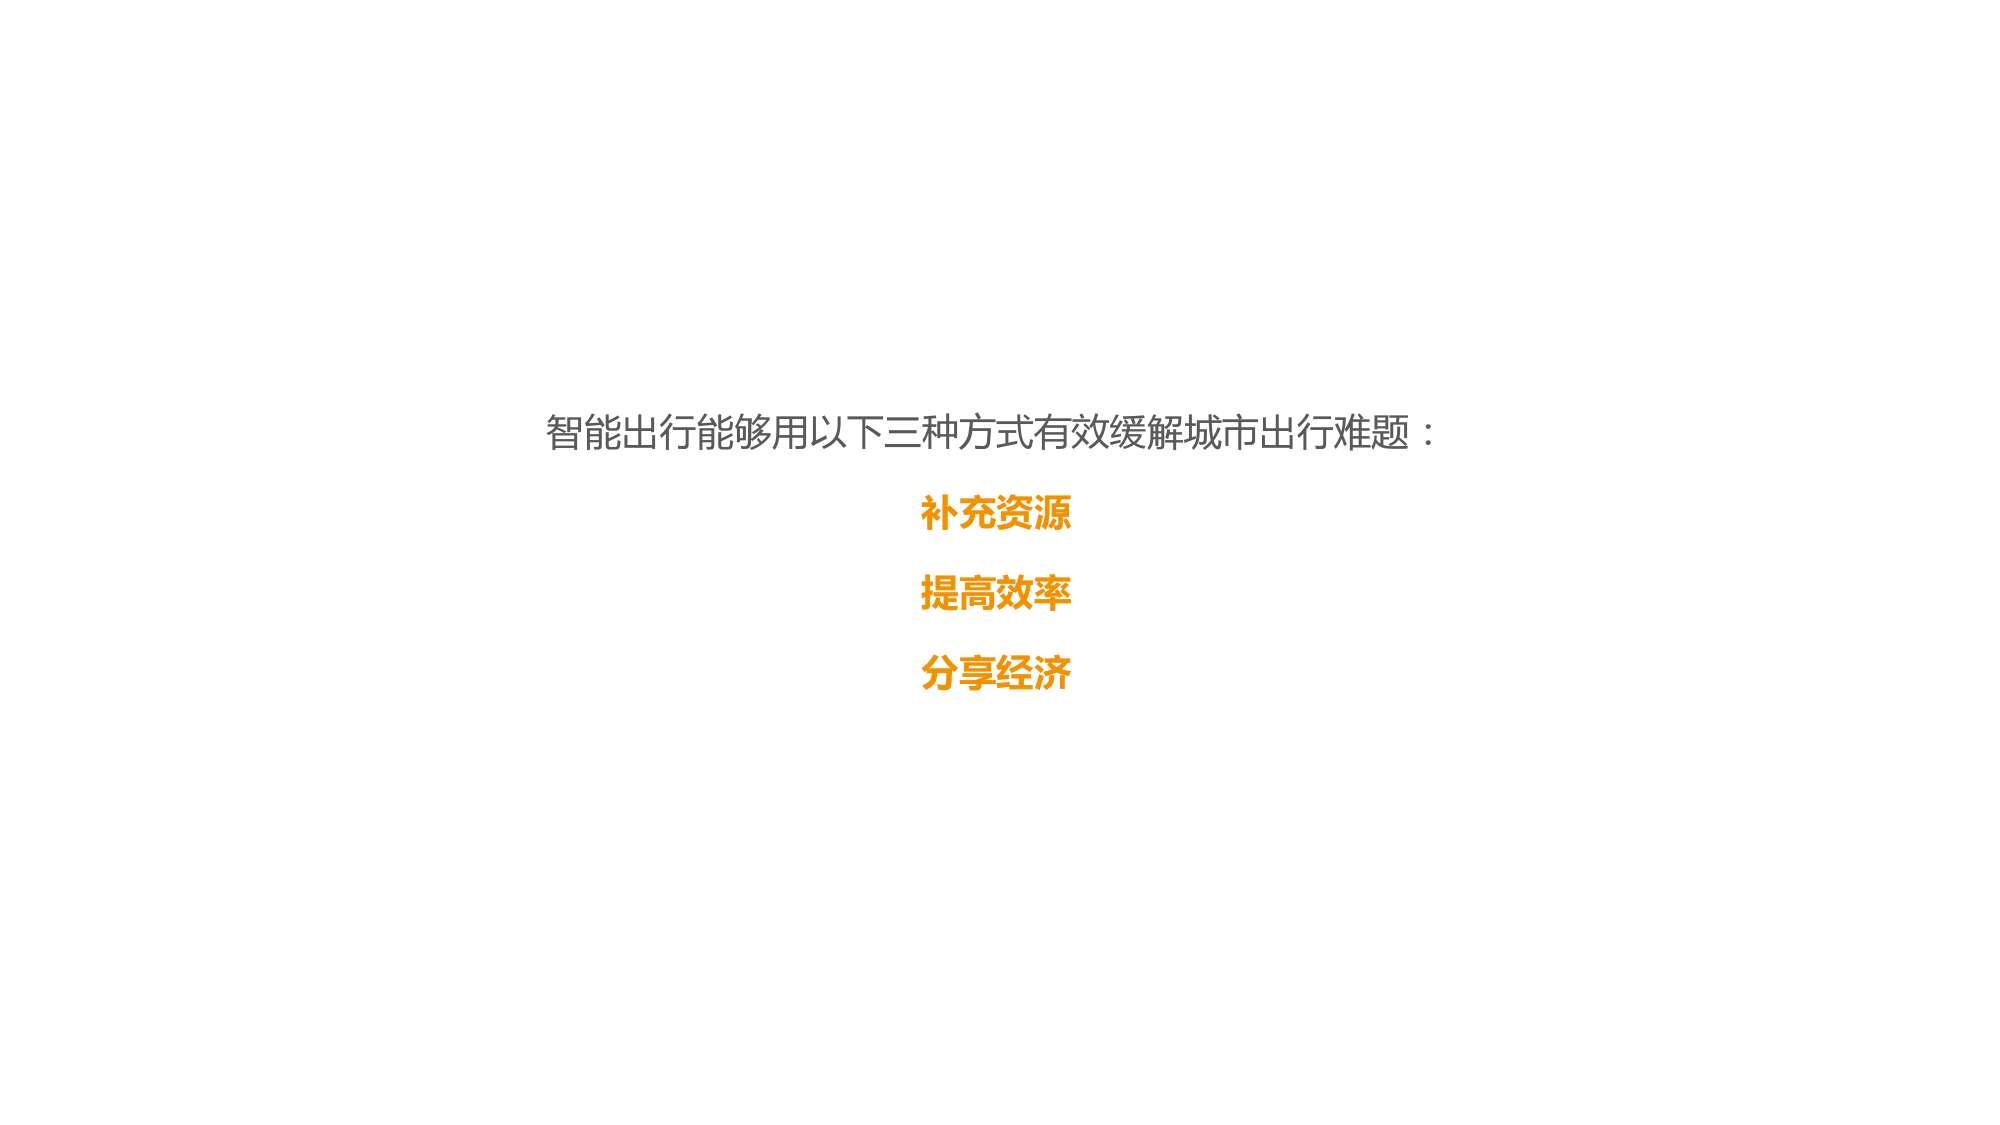 中国智能出行2015大数据报告_000032